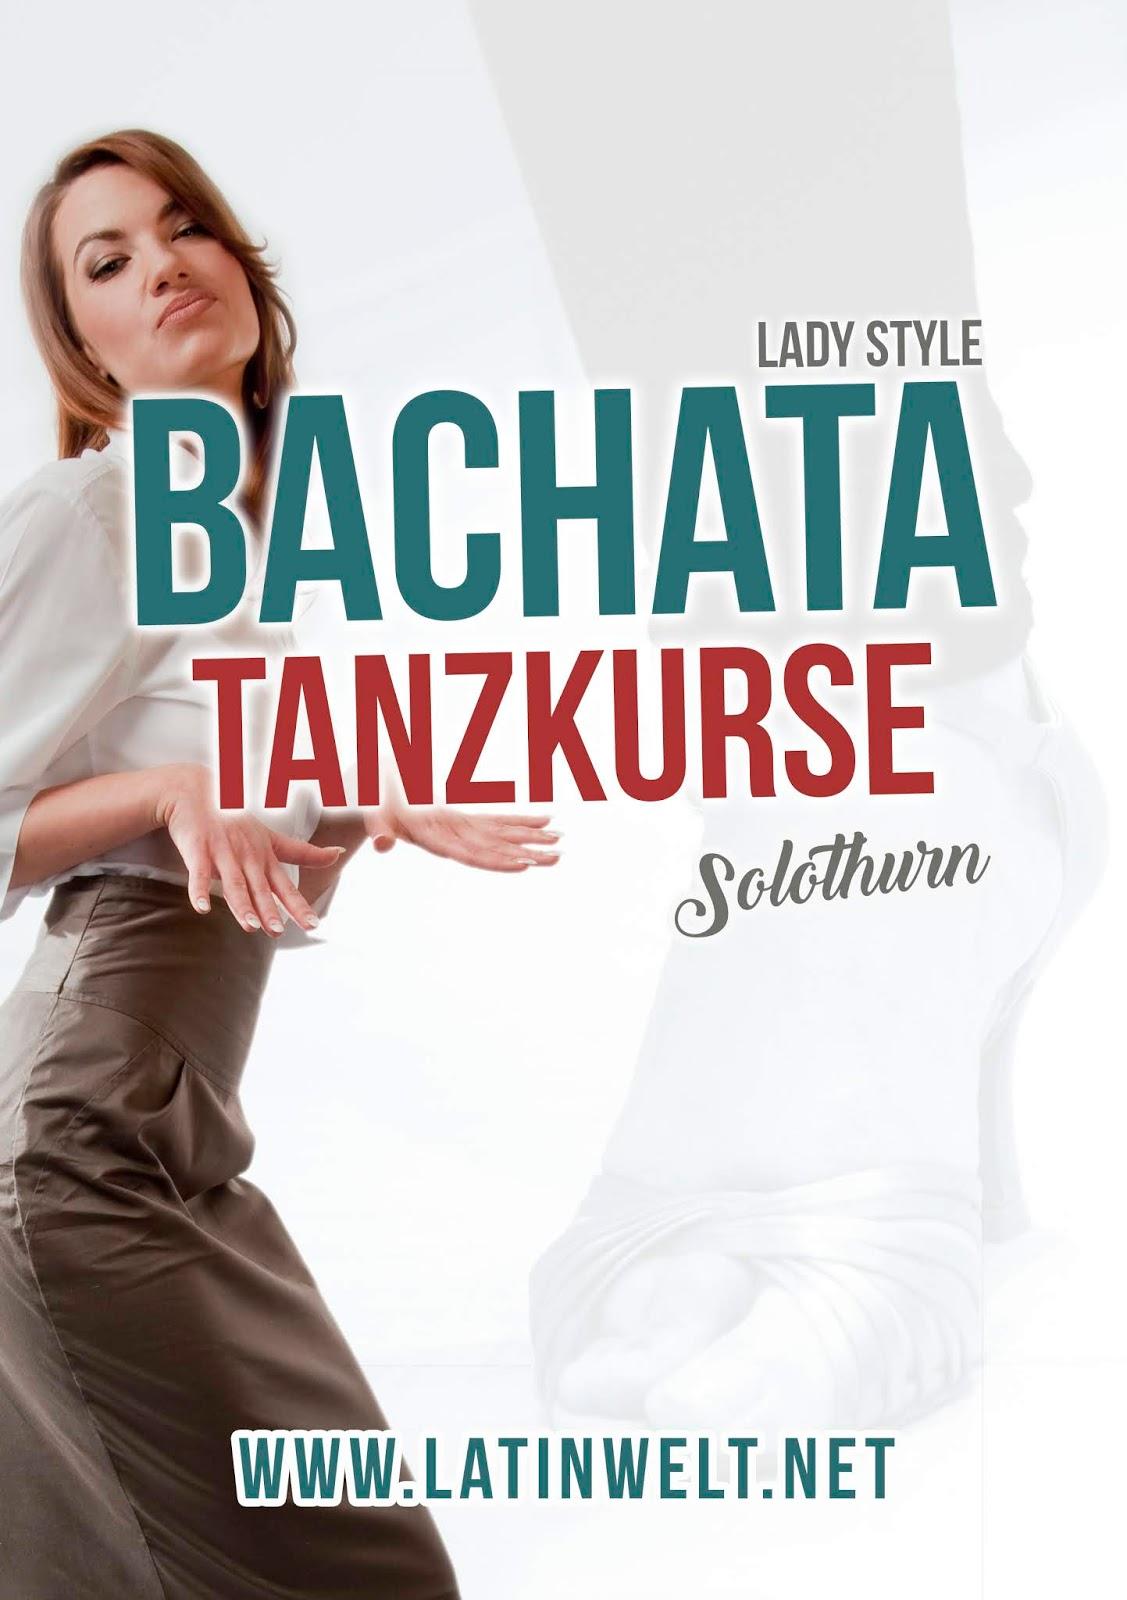 Bachata Lady Styling | Ab 22.10.19